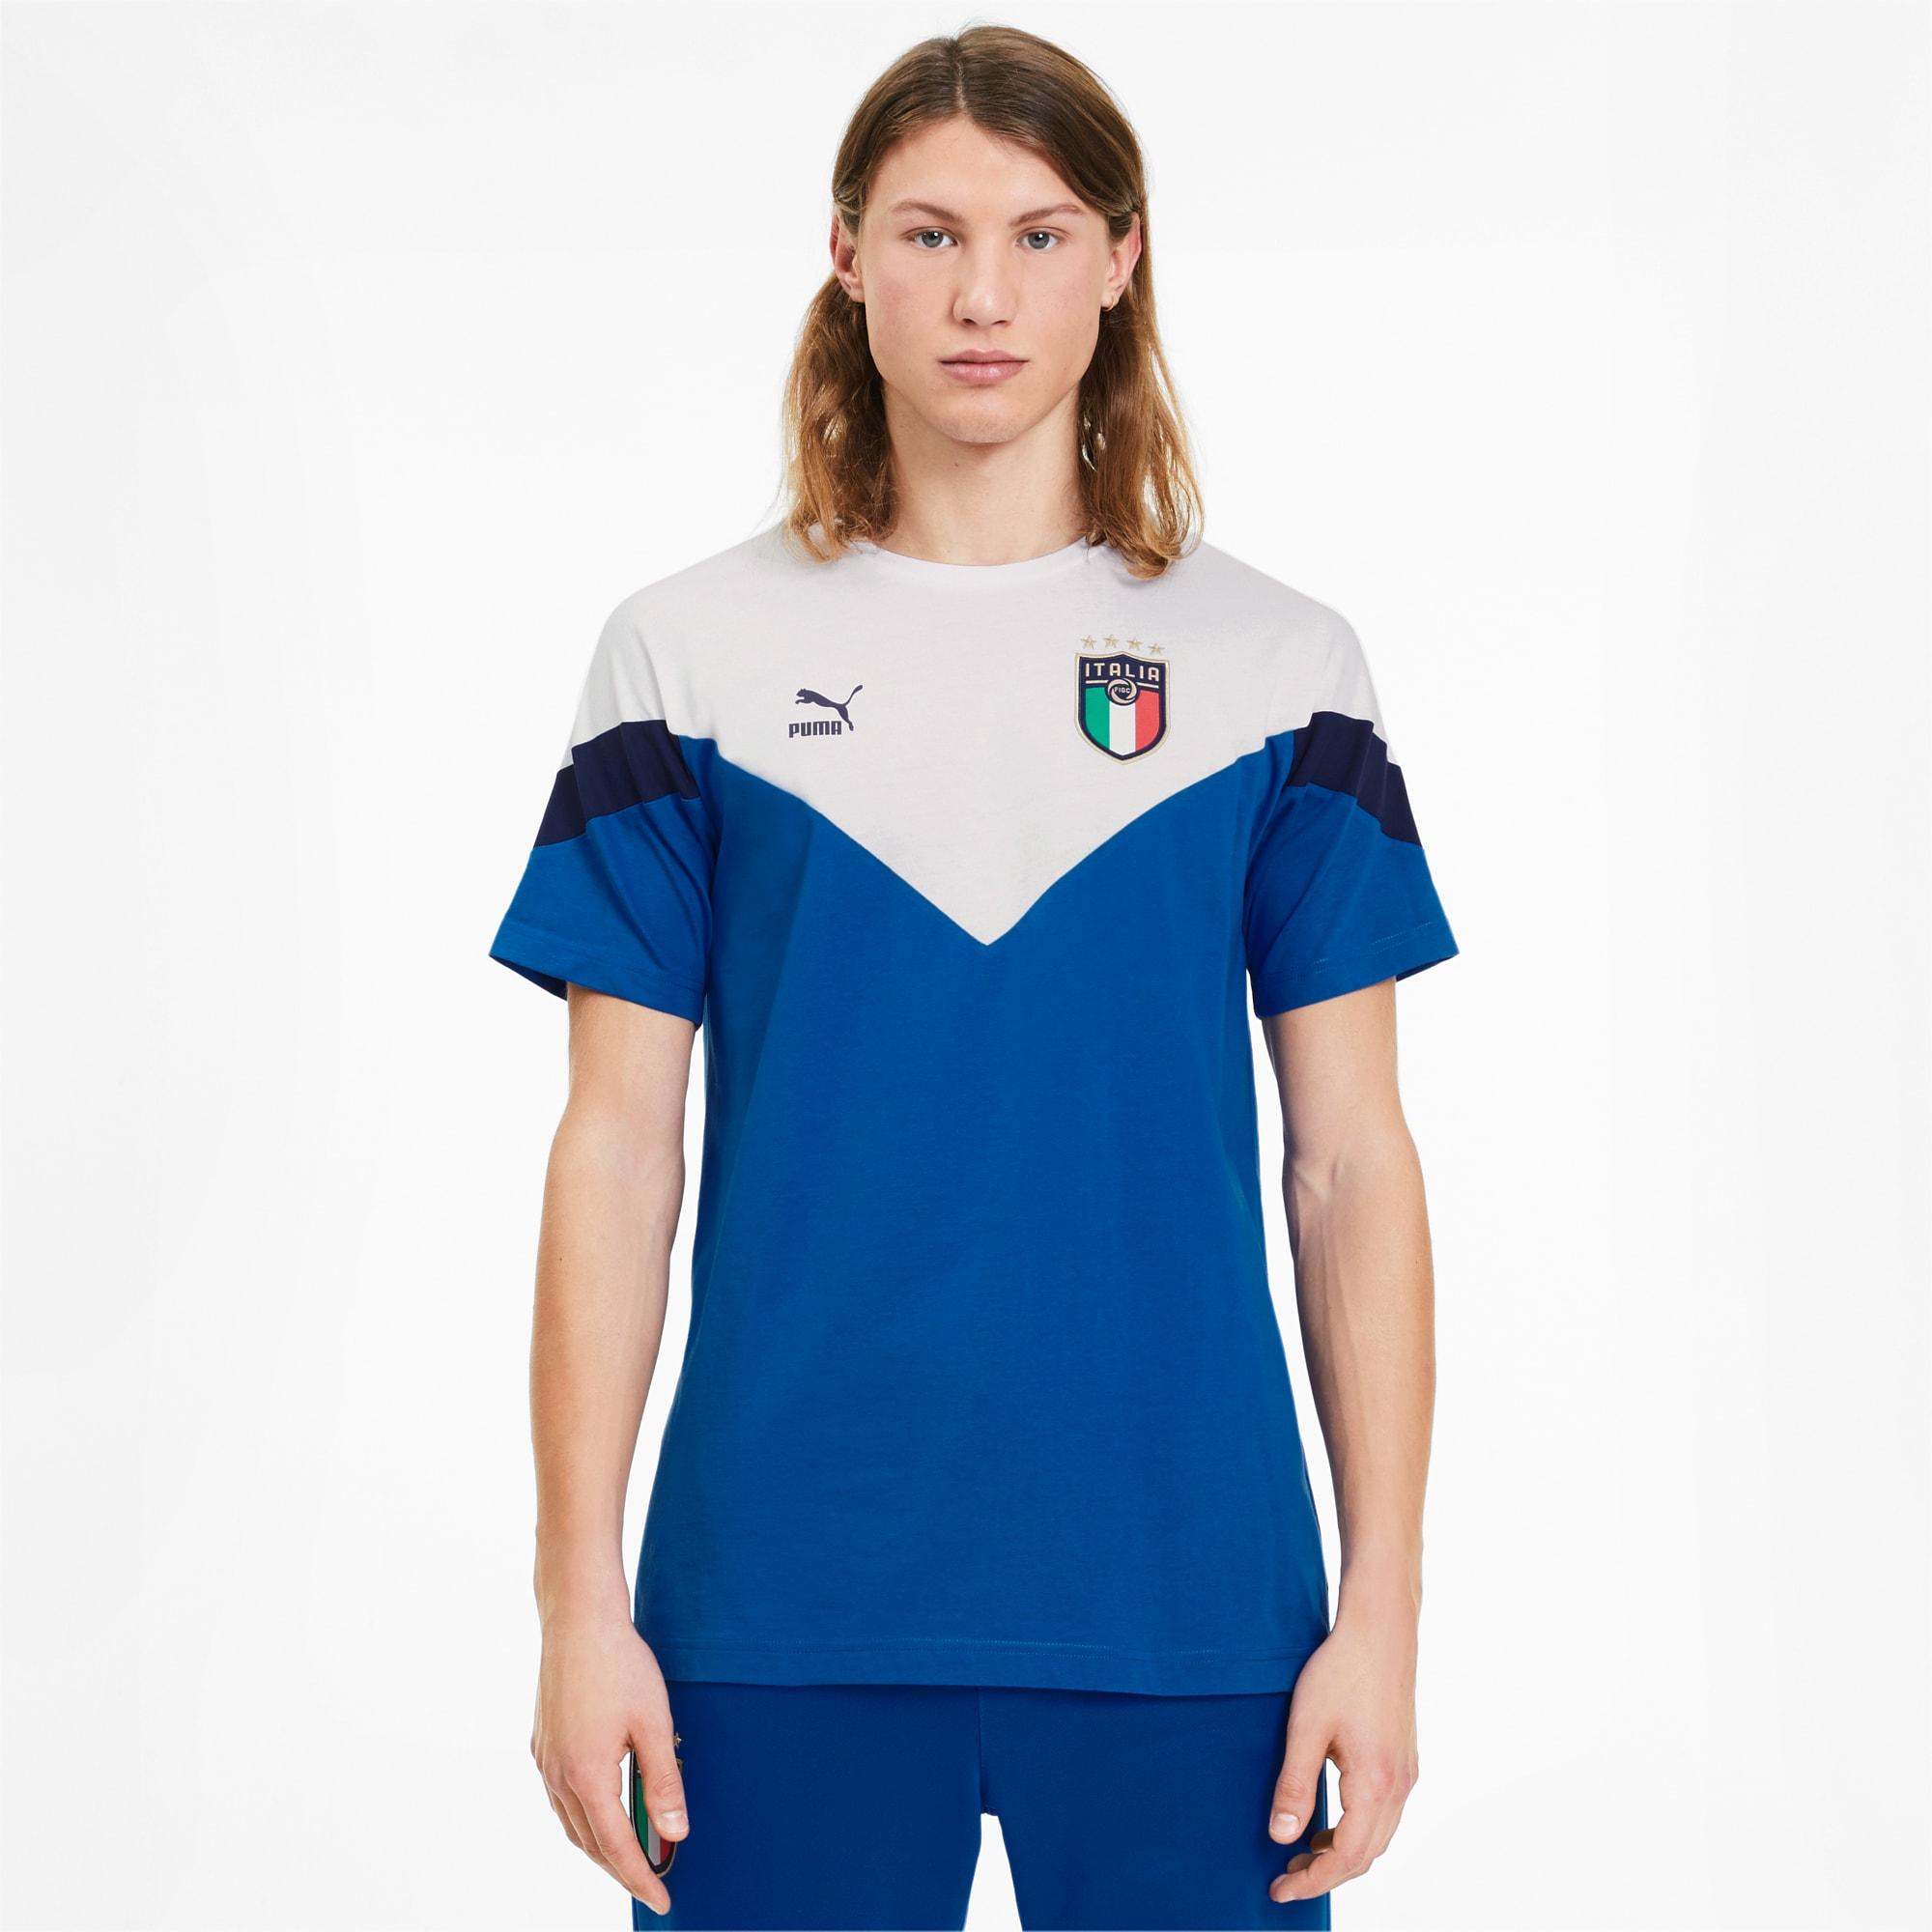 t-shirt italia iconic mcs pour homme, bleu/blanc, taille l, vêtements